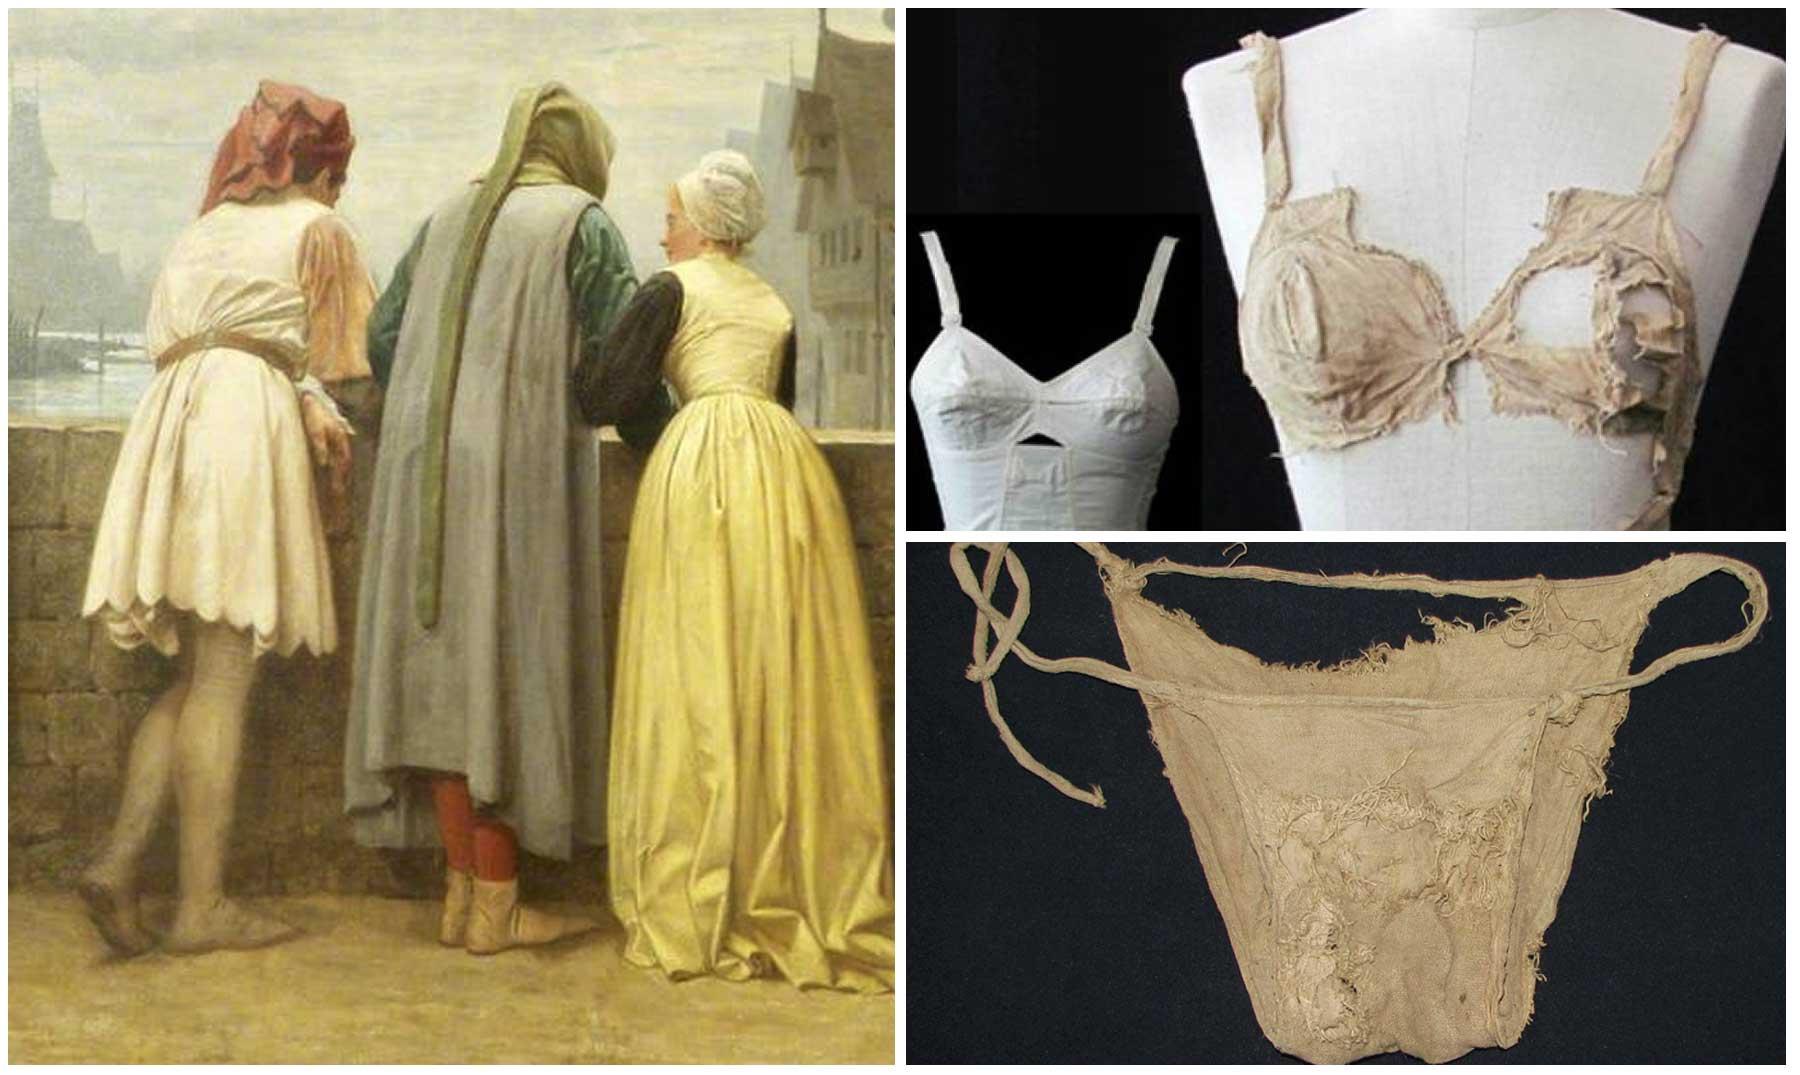 Tener cuidado de diseño distintivo baratas para descuento Sabes cómo era la ropa interior en la Edad Media?